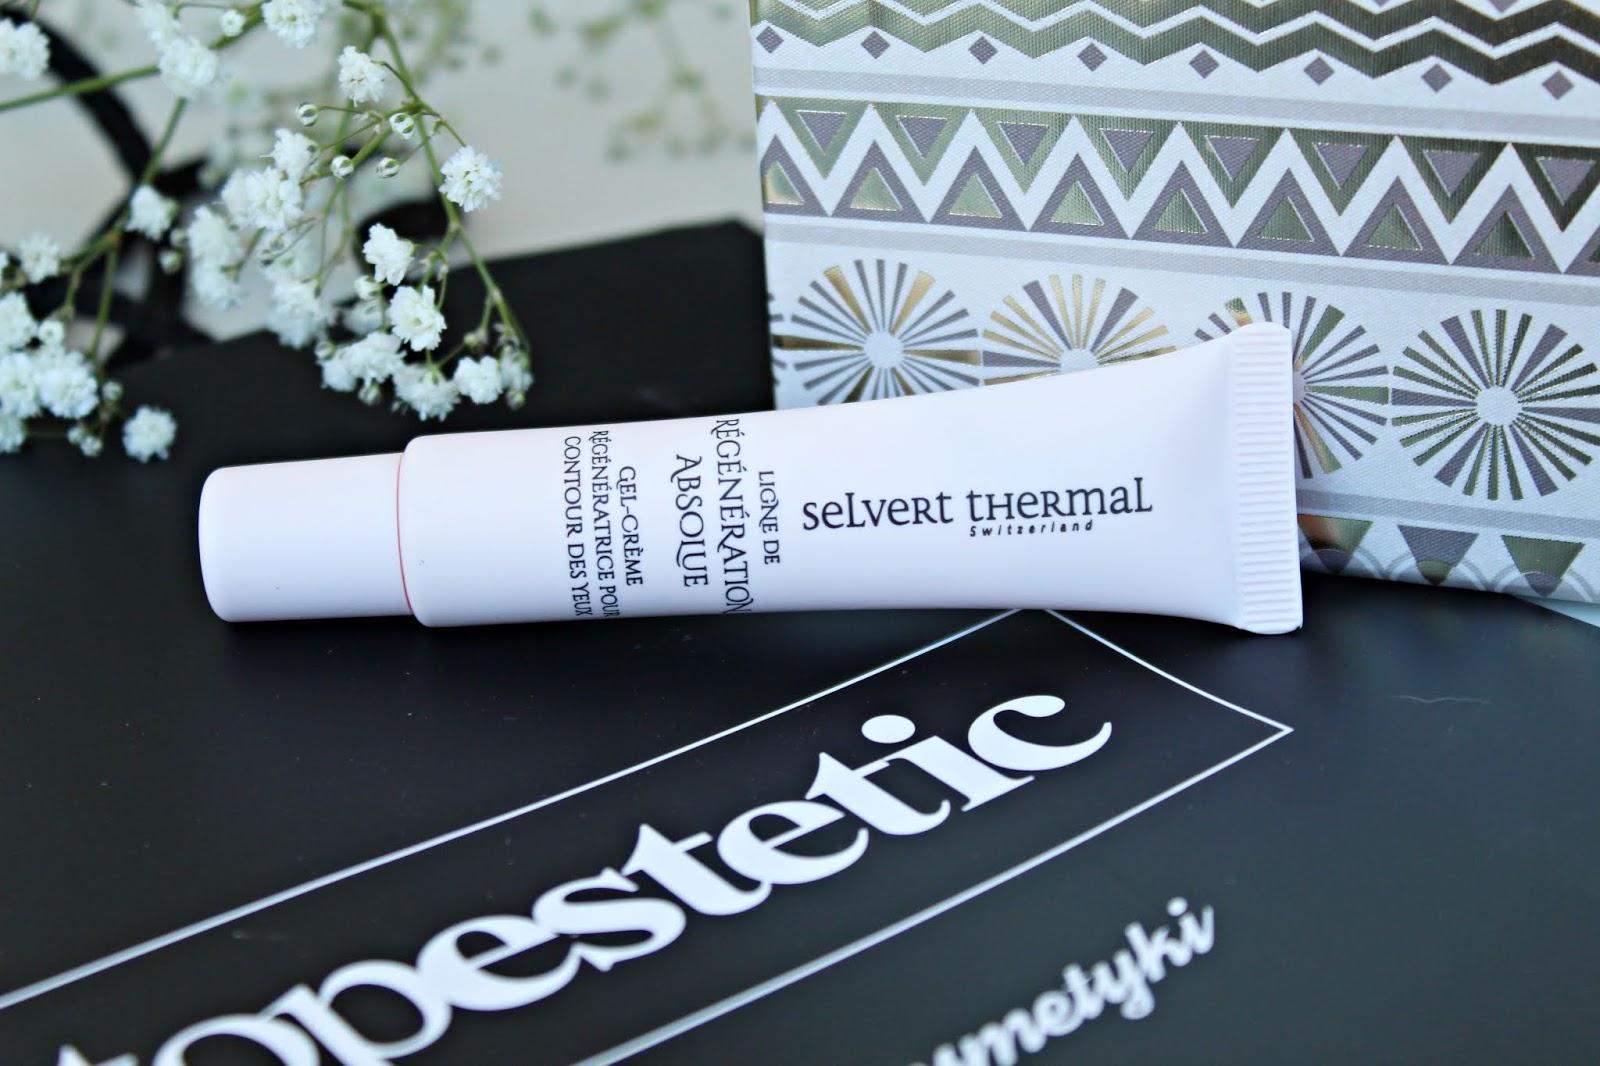 Selvert Thermal Regenerating Eye Contour Gel-Cream czyli Żel-krem regenerujący na okolice oczu z ekstraktem wydzieliny ślimaka